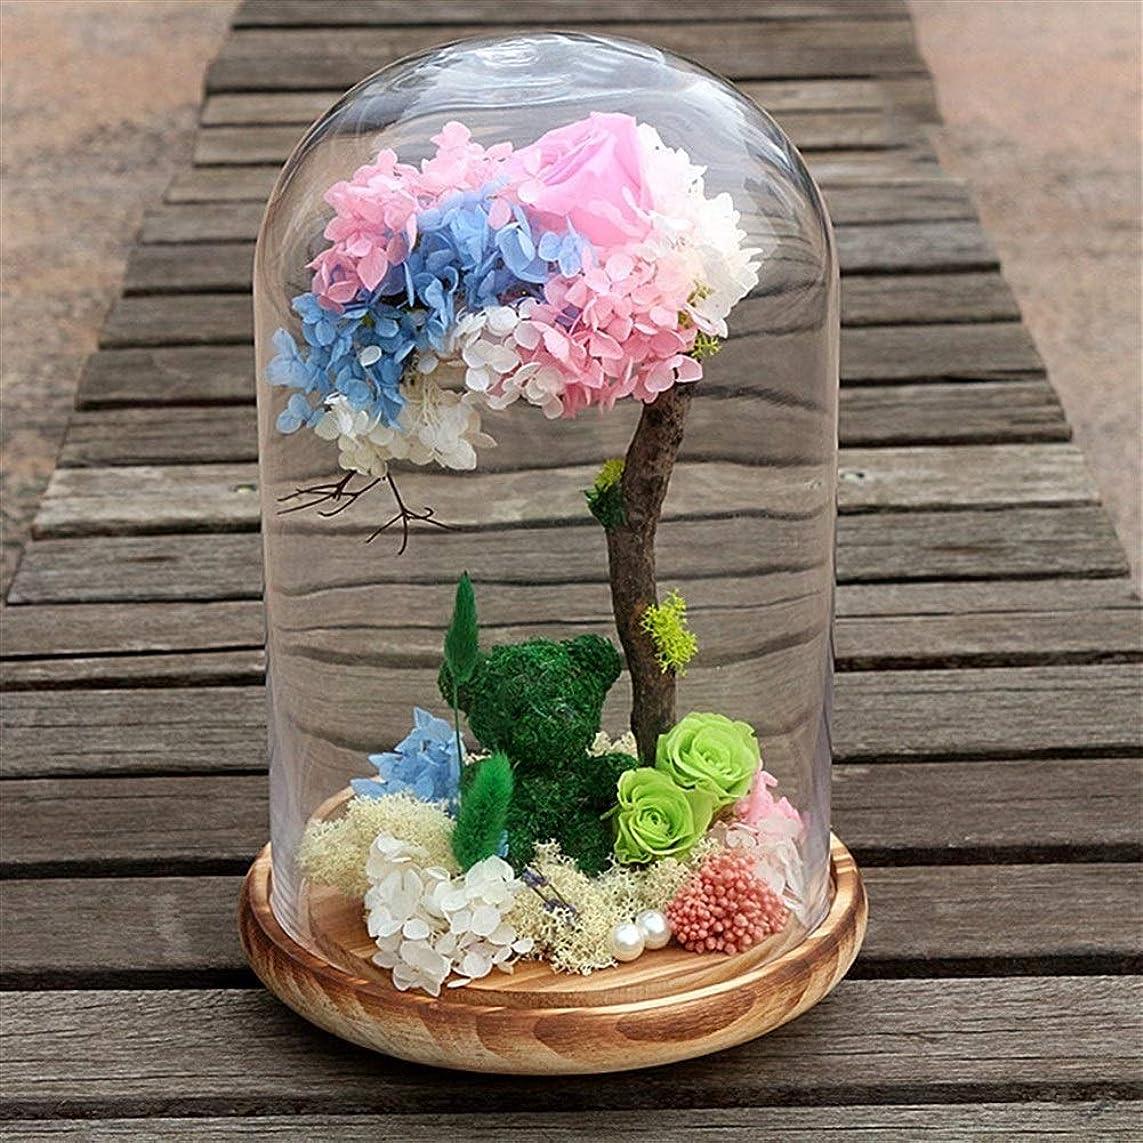 オゾン雲ポジティブ永遠の花 美女と野獣バラ、マジックローズ、手作りのガールフレンドのための花、バレンタインデー、母の日、誕生日プレゼント、クリスマス、ギフトラスティングパーフェクトシルクローズやガラス、花バラ、ロングを作成します 友人や母親へのクリスマスプレゼント